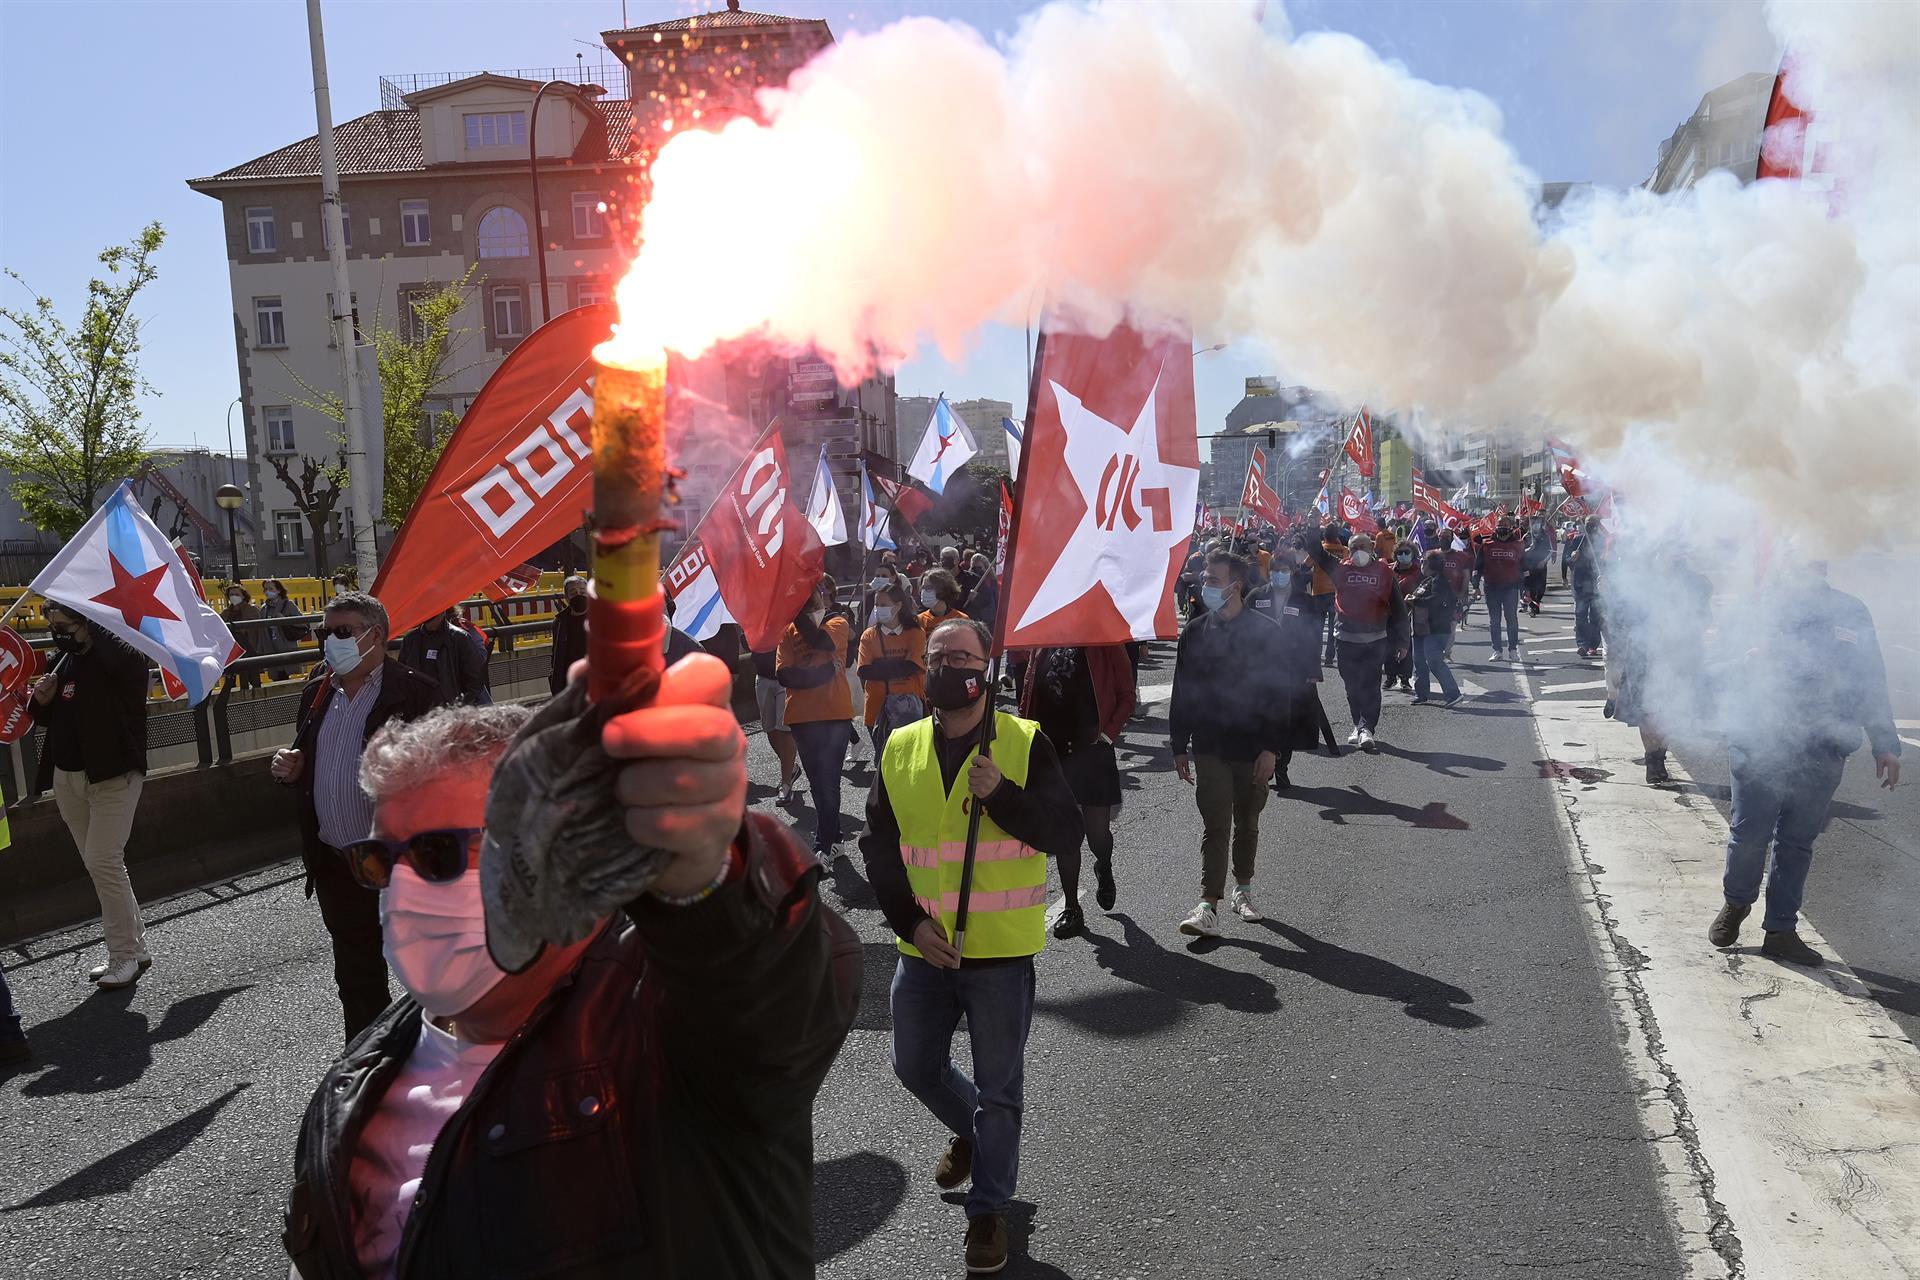 """Decenas de personas con banderas de sindicatos y humo durante una manifestación convocada por varios sindicatos""""en defensa del empleo, por un futuro industrial, contra la represión sindical en Alu Ibérica"""" en la plaza de Ourense de A Coruña. - M. Dylan - Europa Press"""